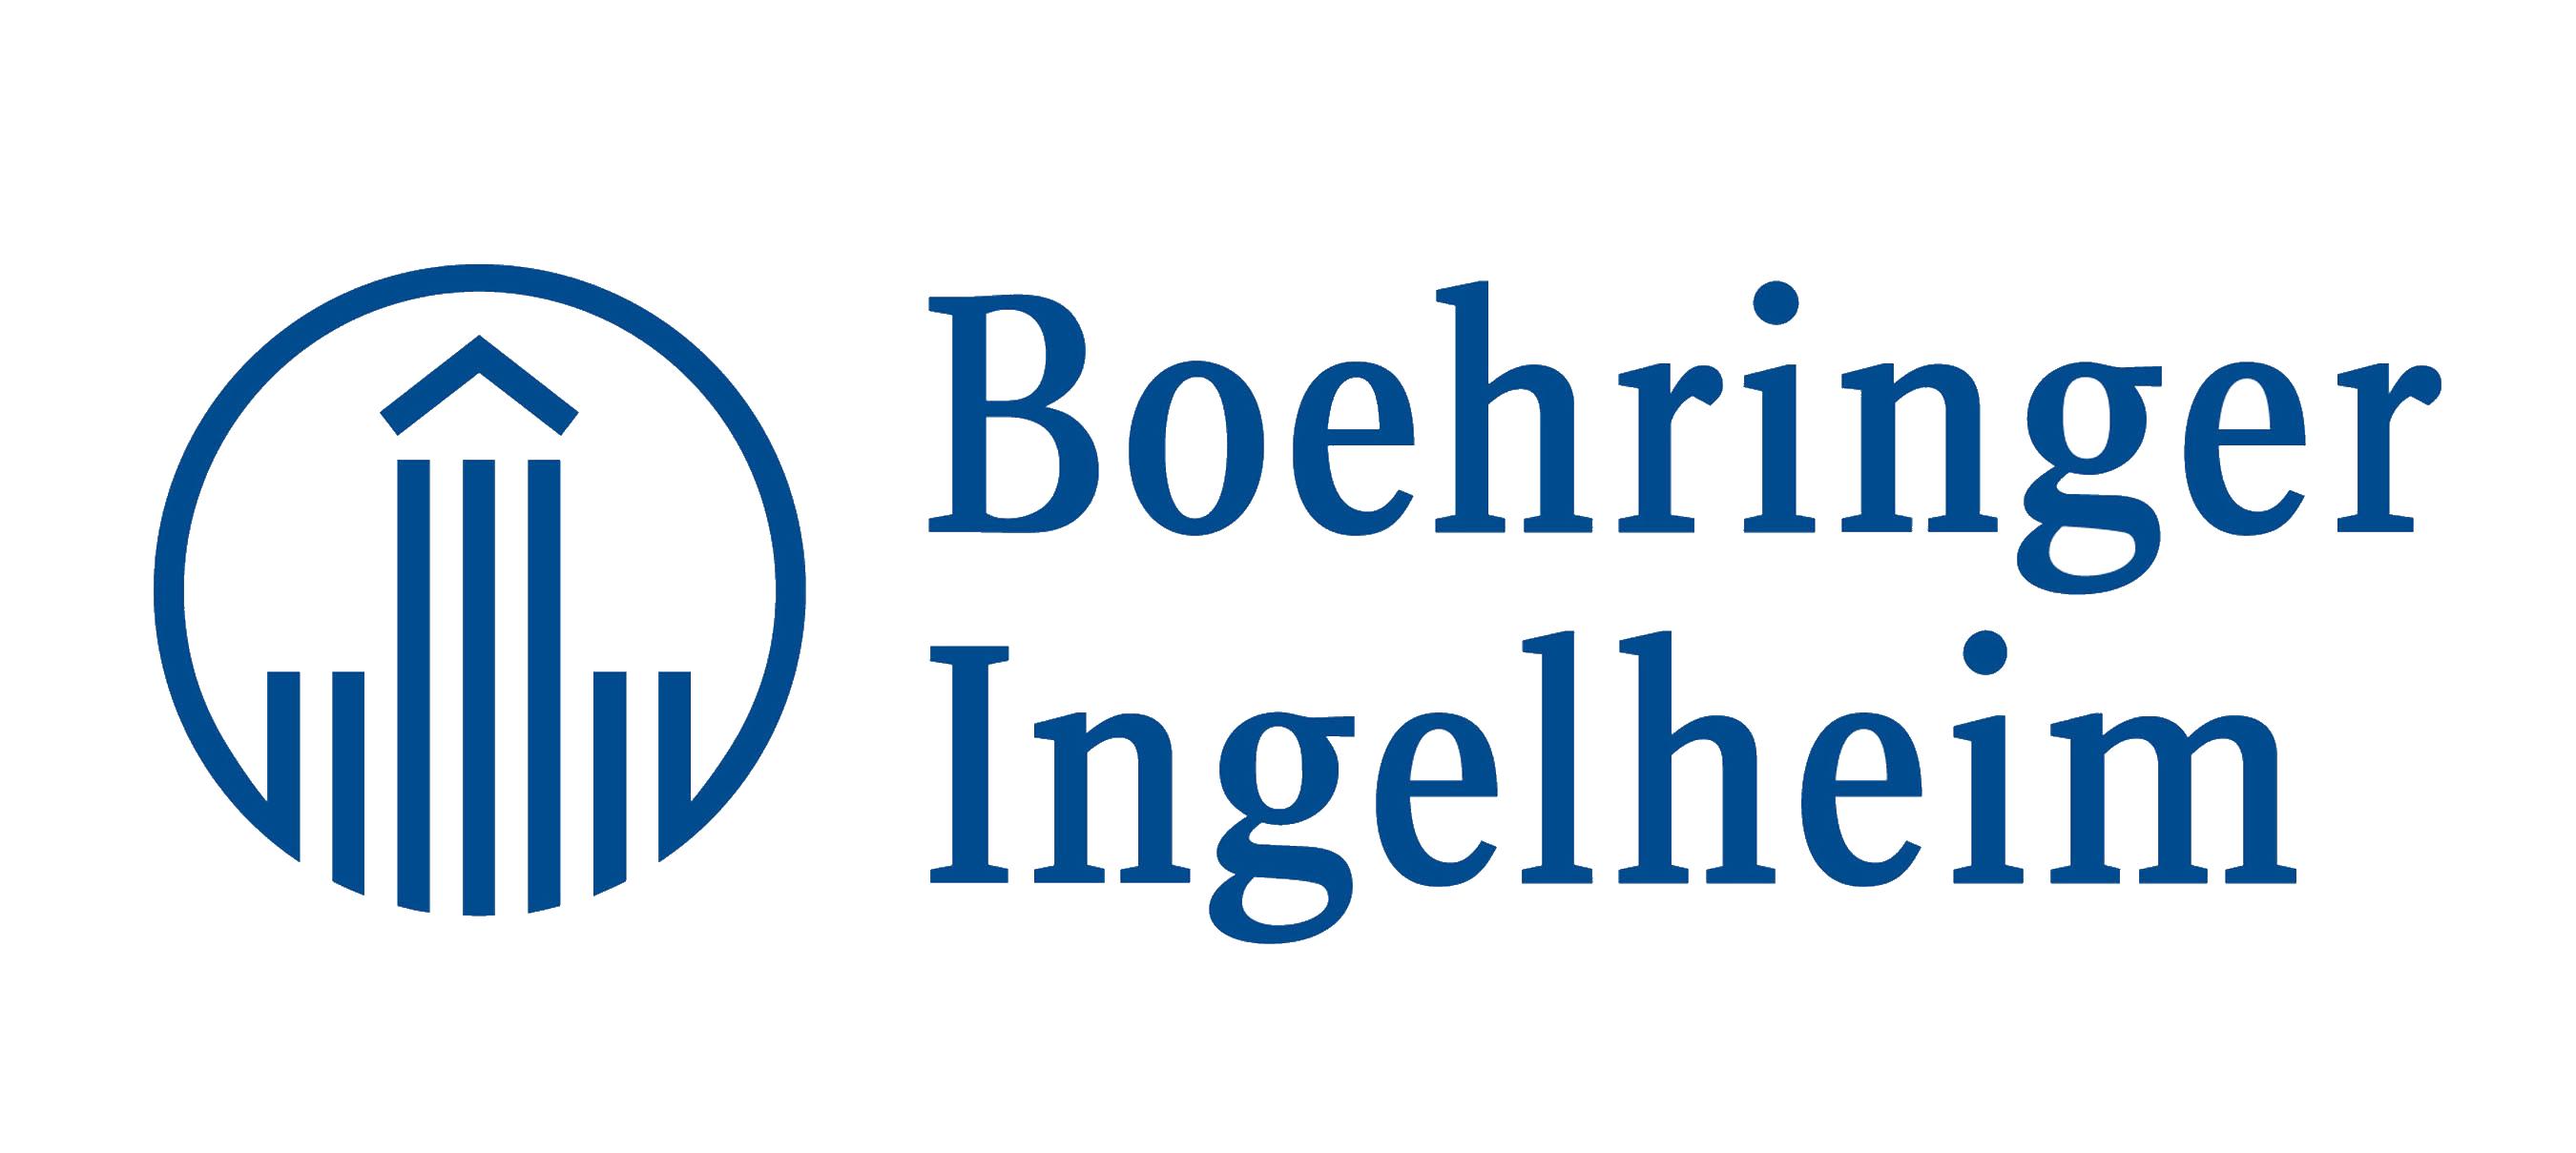 Boehringer-IngelheimPNG.png